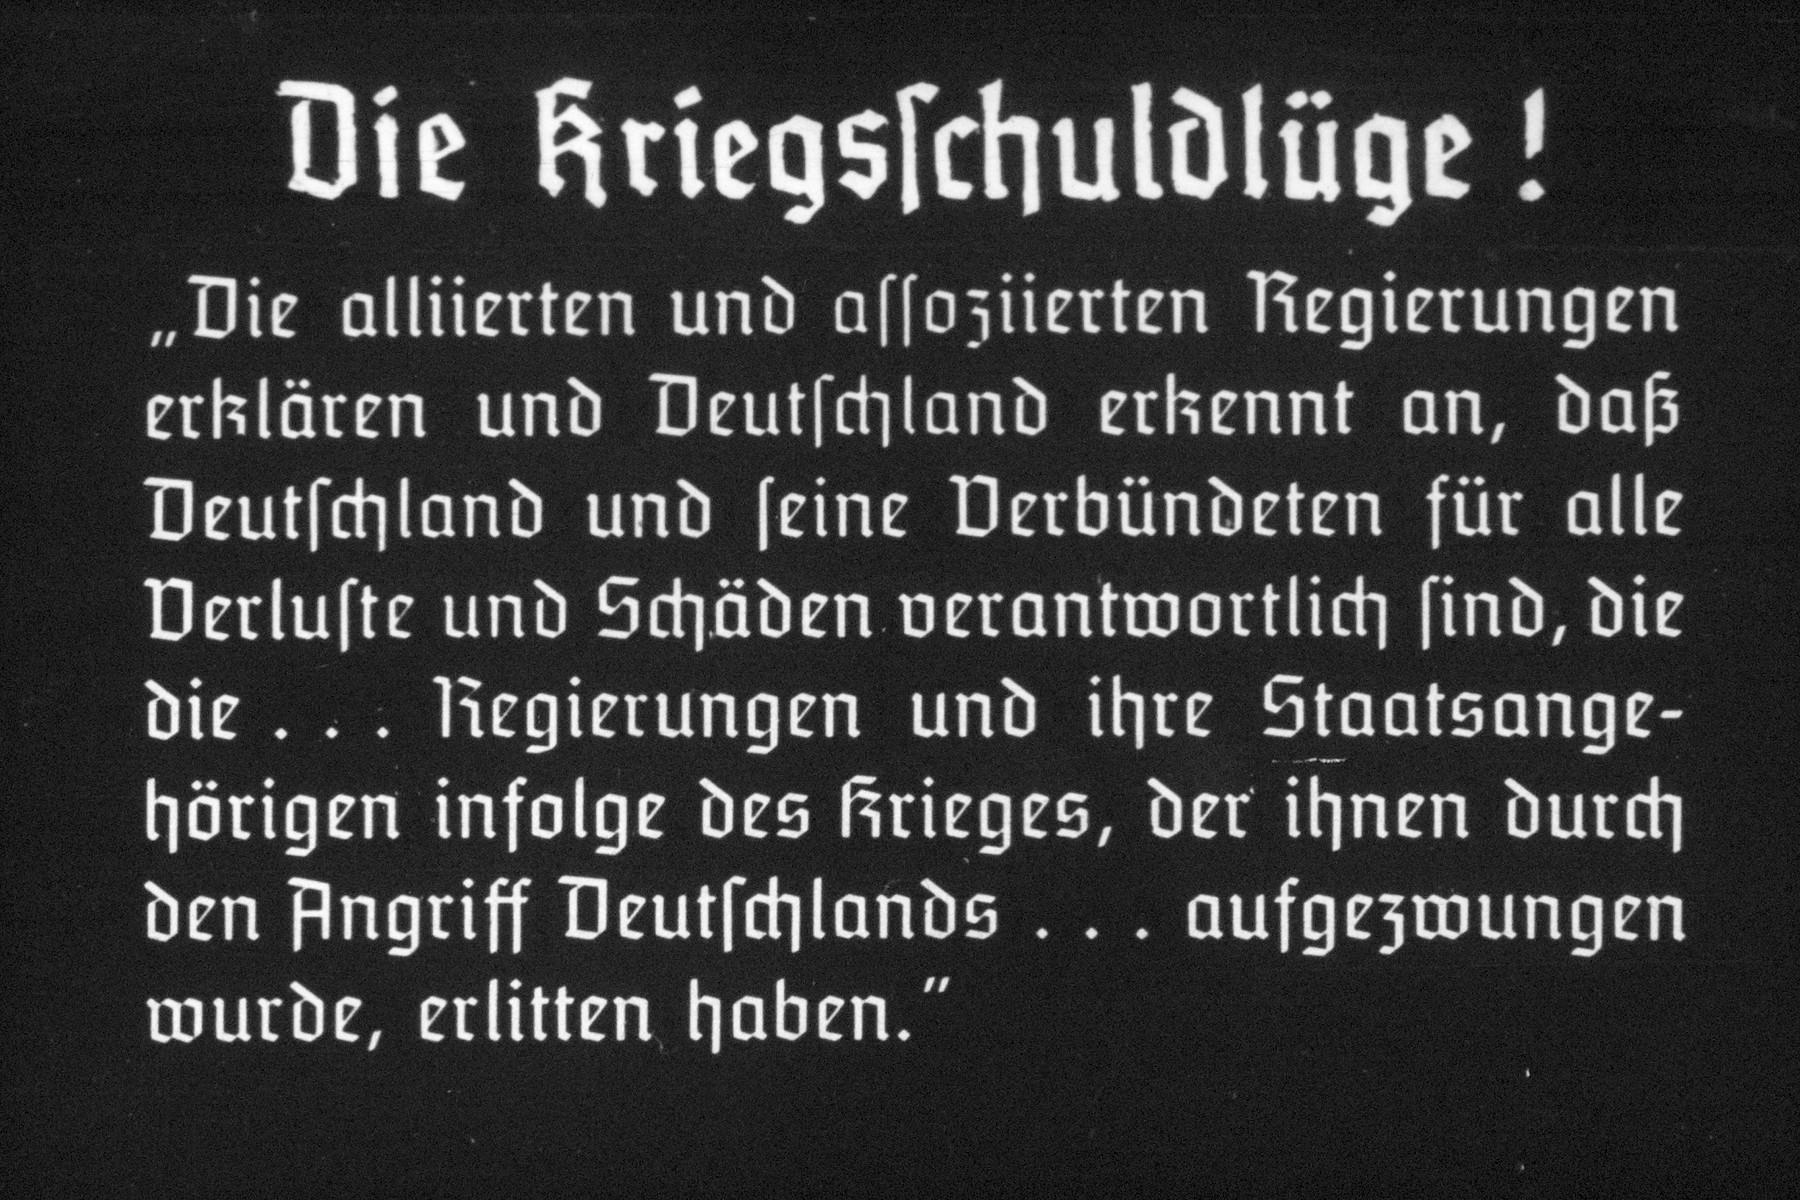 """33th slide from a Hitler Youth slideshow about the aftermath of WWI, Versailles, how it was overcome and the rise of Nazism. Die Kriegsschuldlüge  """"Die alliierten und assoziierten Regierungen erkl ä ren und Deutschland erkennt an, dass Deutschland und seine Verbündeten für alle Verluste und Schäden verantwortlich sind, die die...Regierunge und ihre Staatsangehörigen infolge des krieges, der ihnen durch den Angriff Deutschlands...aufgezwungen wurde, erlitten haben.""""  The war-guilt! """"The  Allied and Associated Government are explaining and Germany accepts that Germany and its allies are responsible for any loss or damage caused by the ... Government and its nationals as a result of the War, which was forced on them by the aggression of Germany ... have suffered. """""""